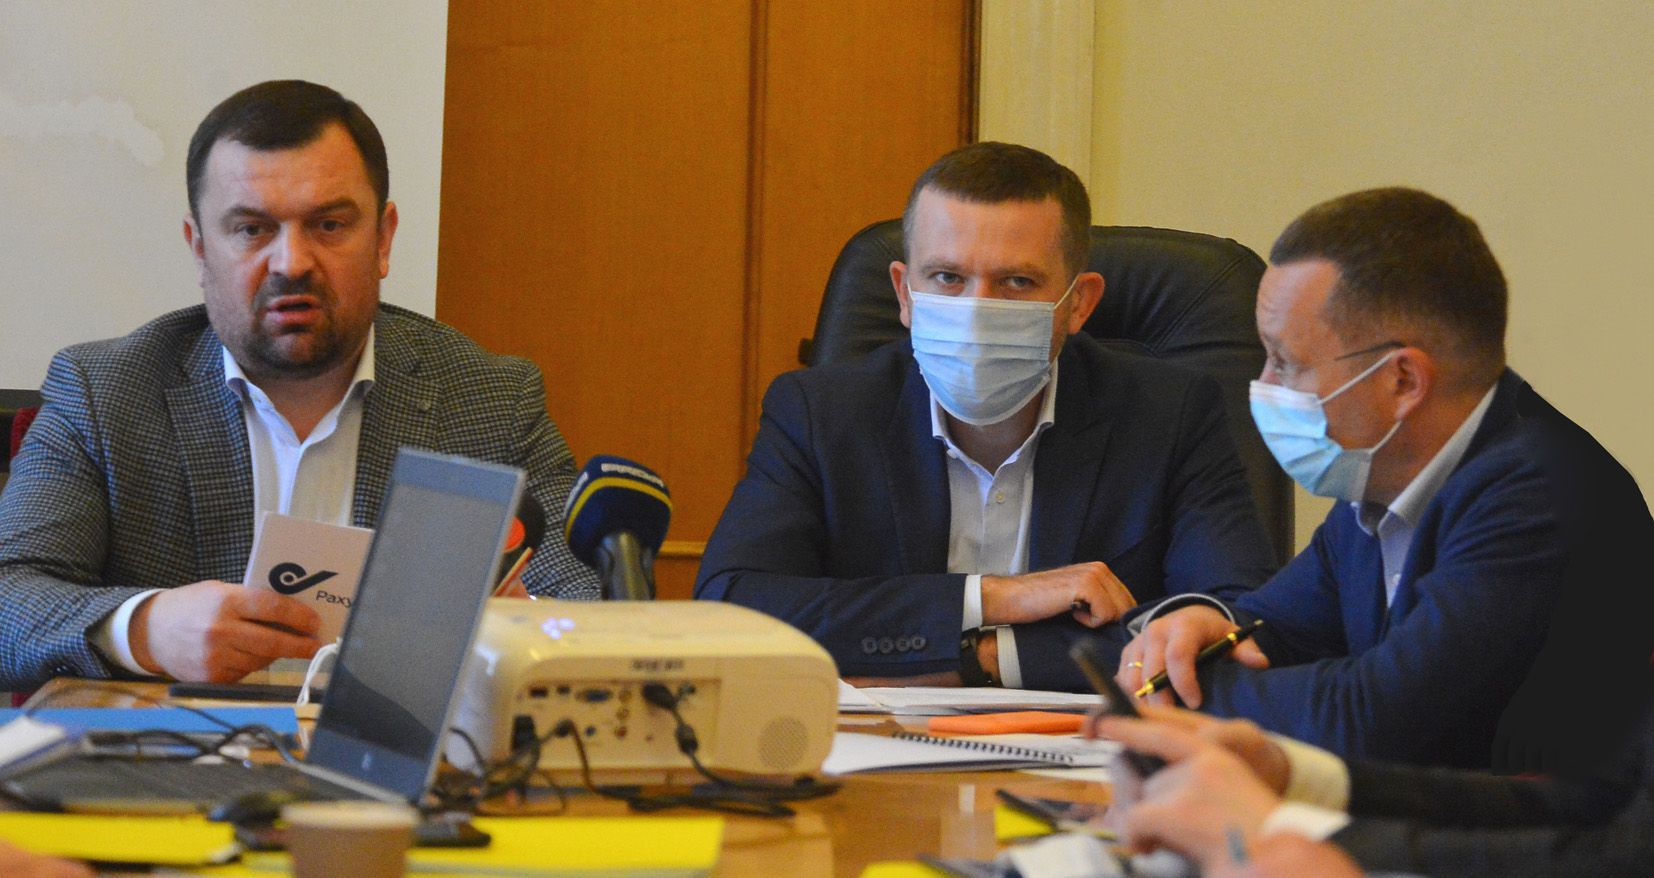 Председатель Счетной палаты Украины Валерий Пацкан, председатель комиссии Иван Крулько, заместитель Евгений Петруняк